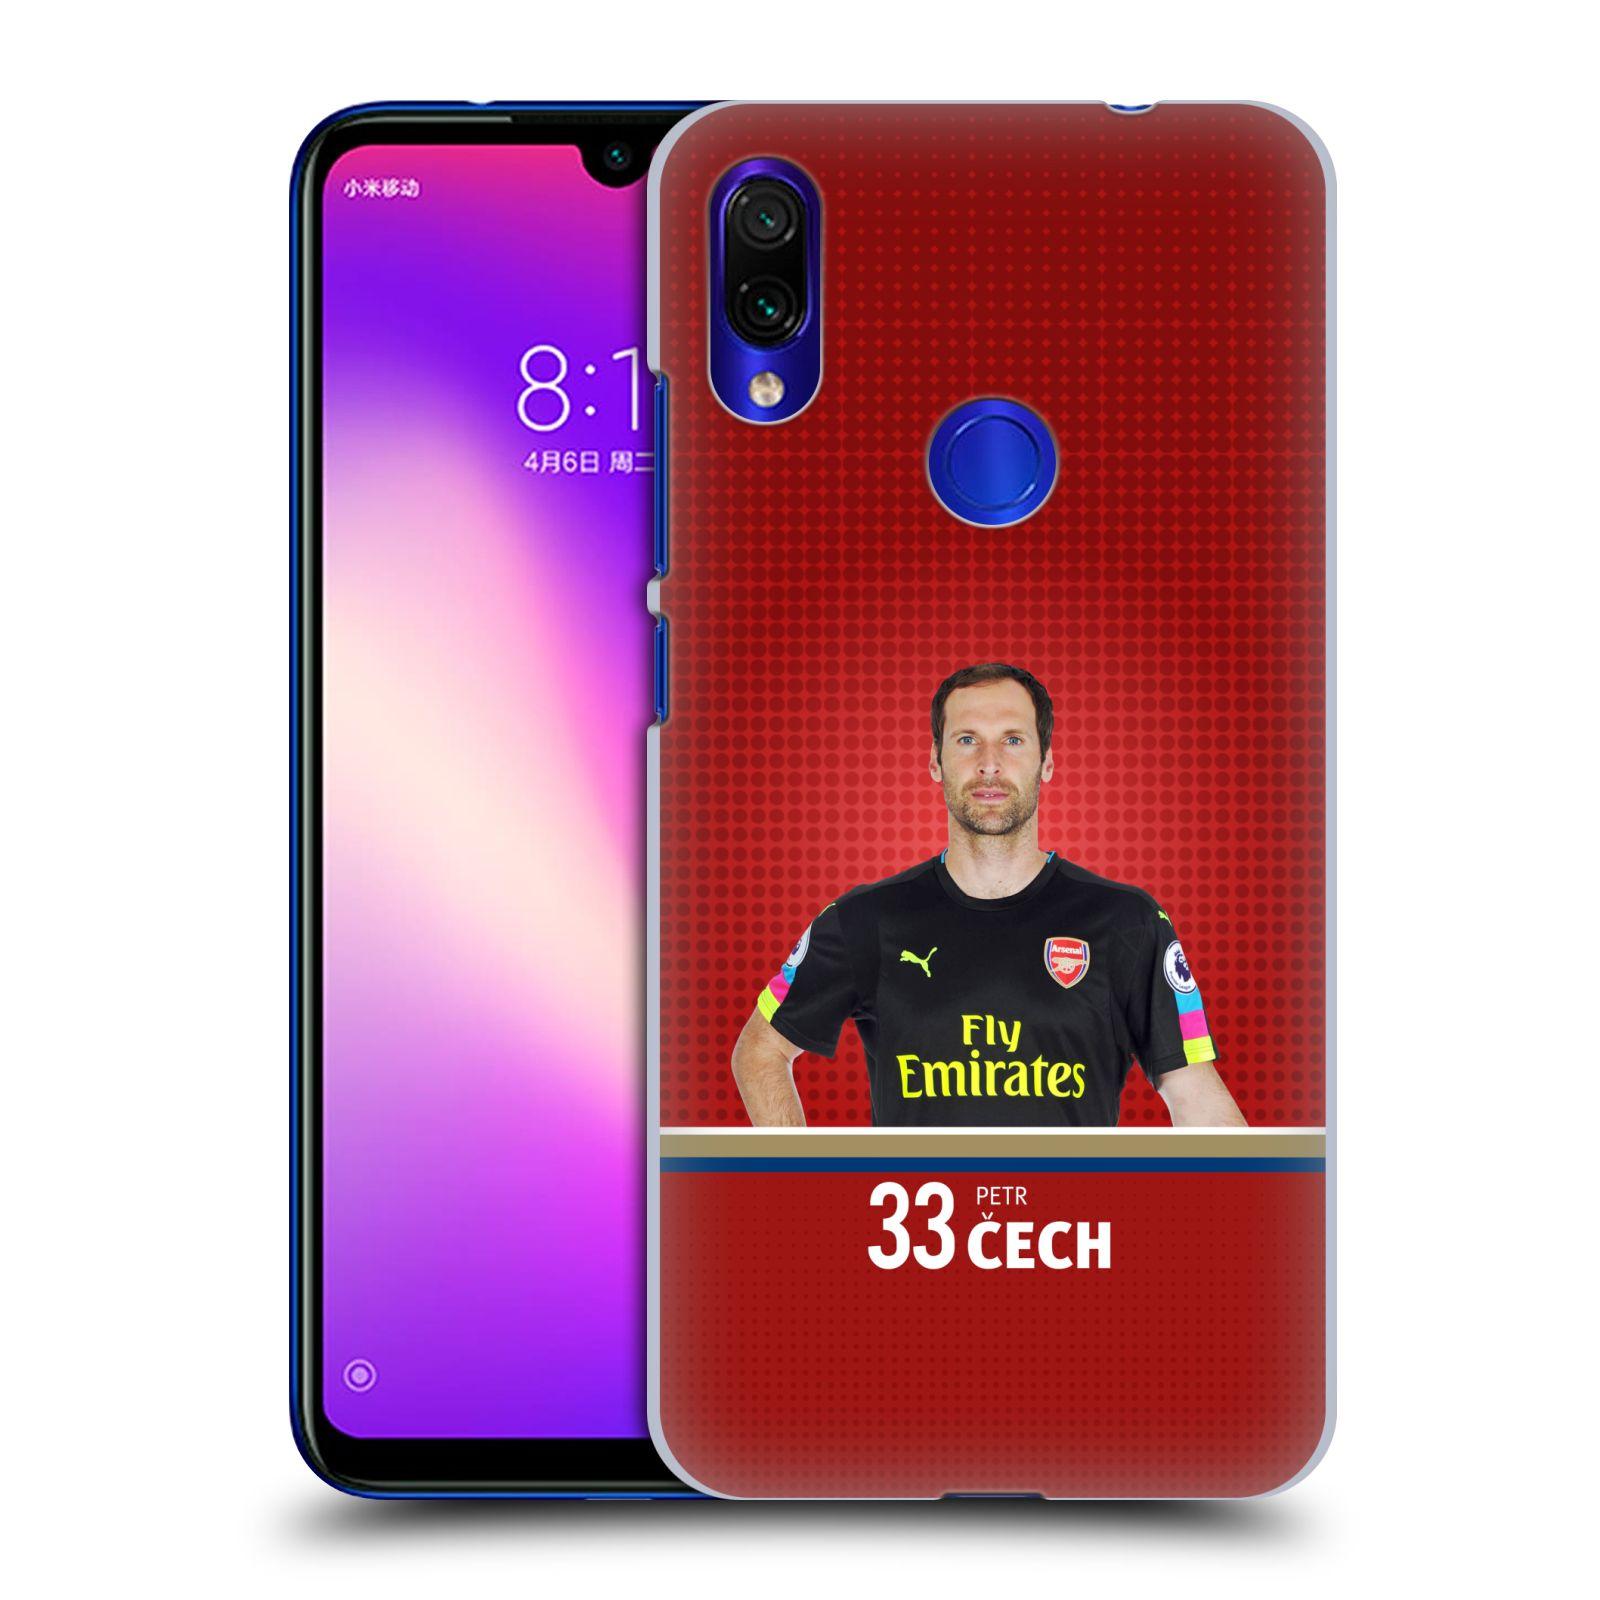 Plastové pouzdro na mobil Xiaomi Redmi Note 7 - Head Case - Arsenal FC - Petr Čech